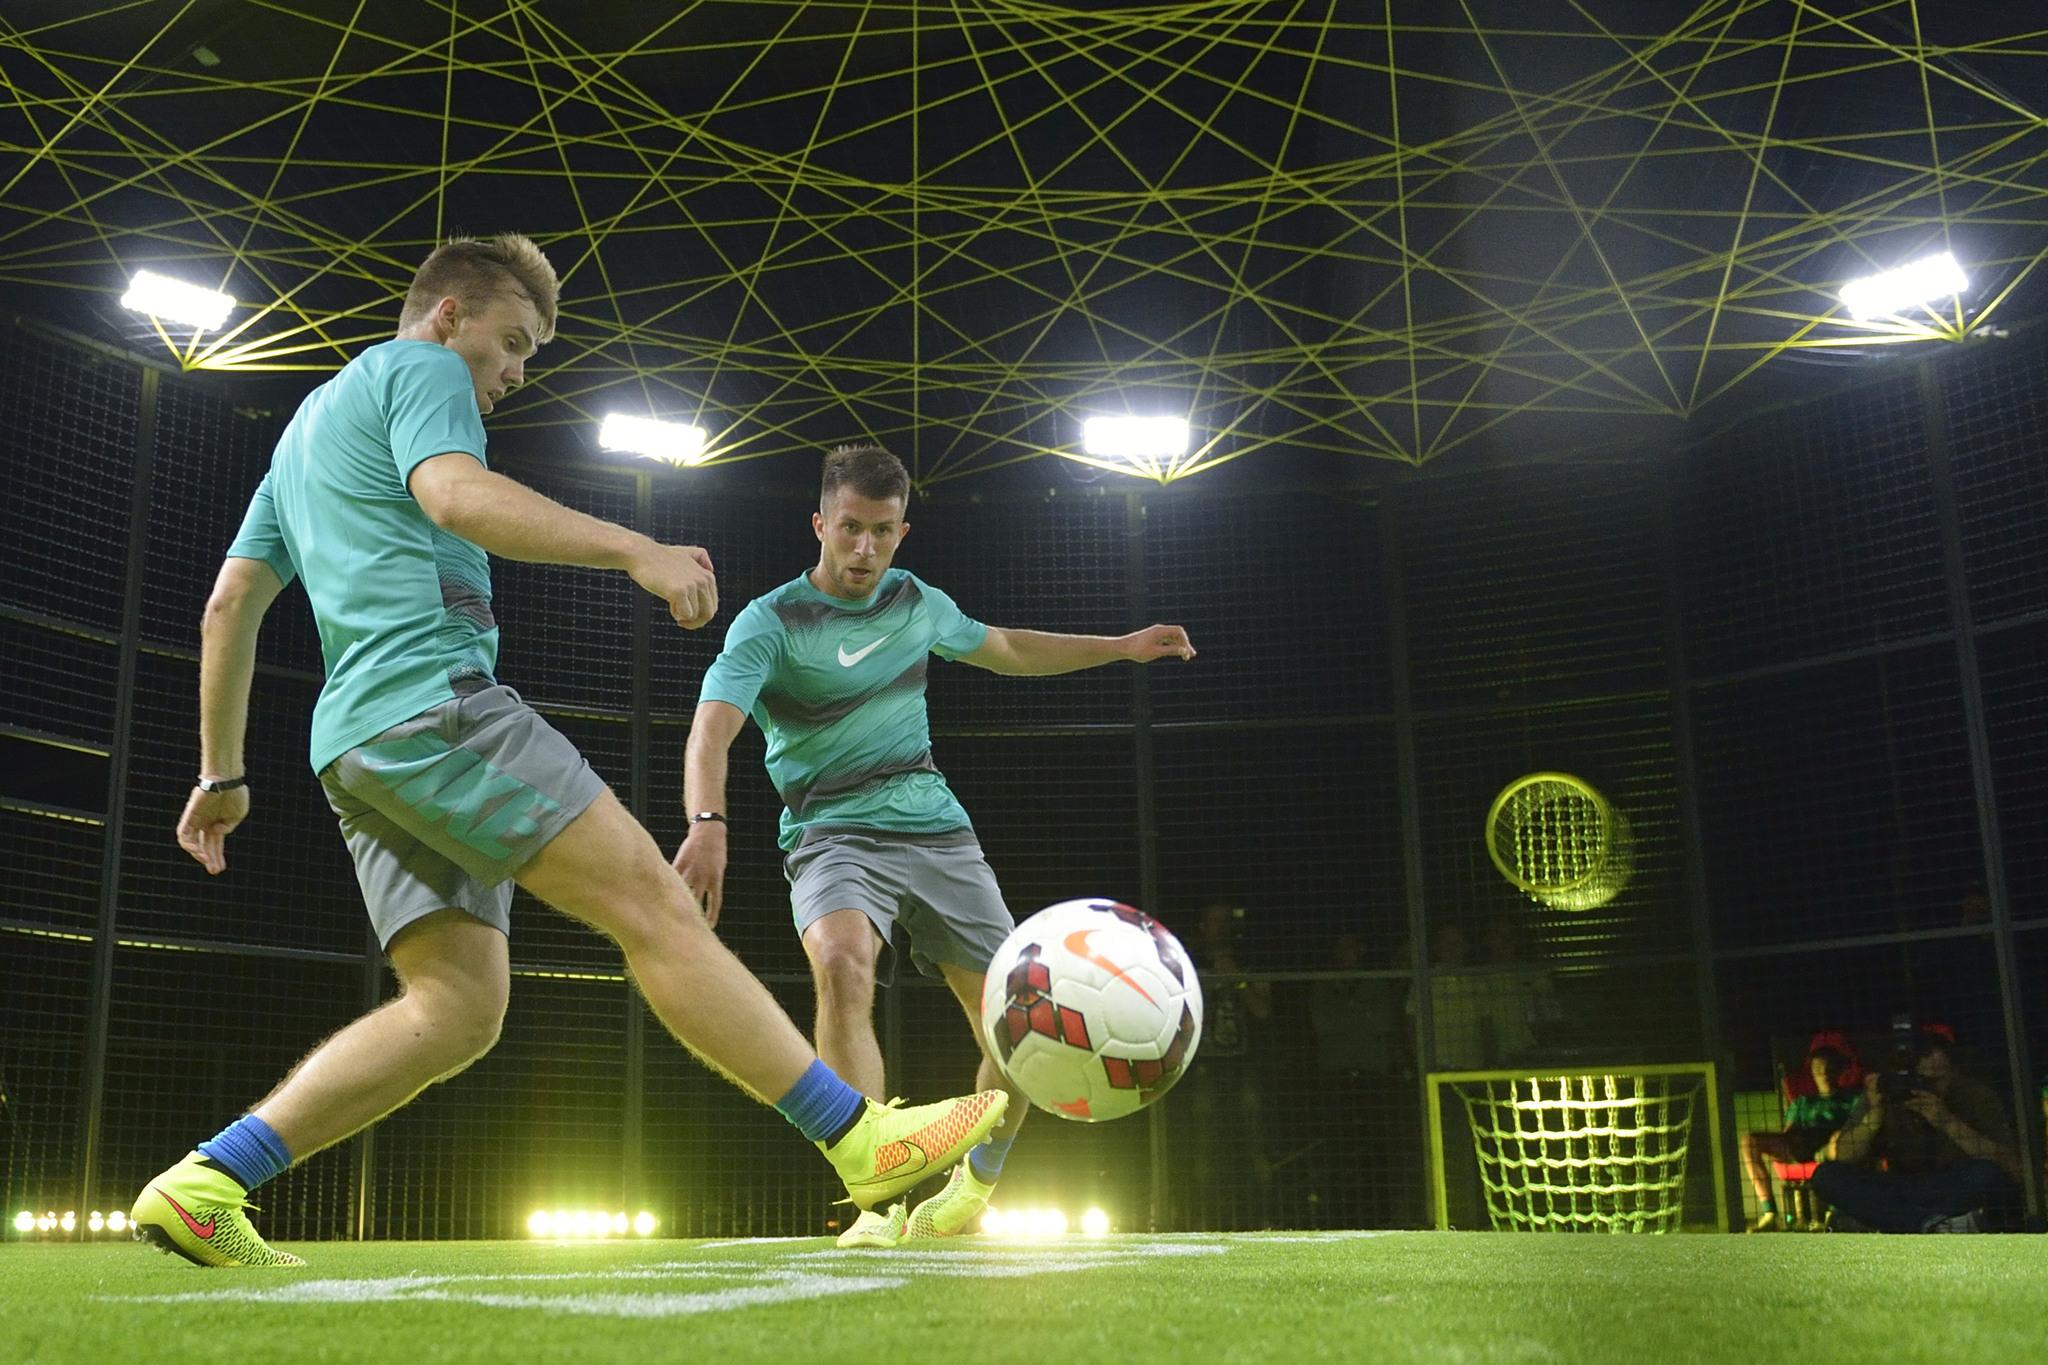 Jugar futbol de noche - 2048x1365